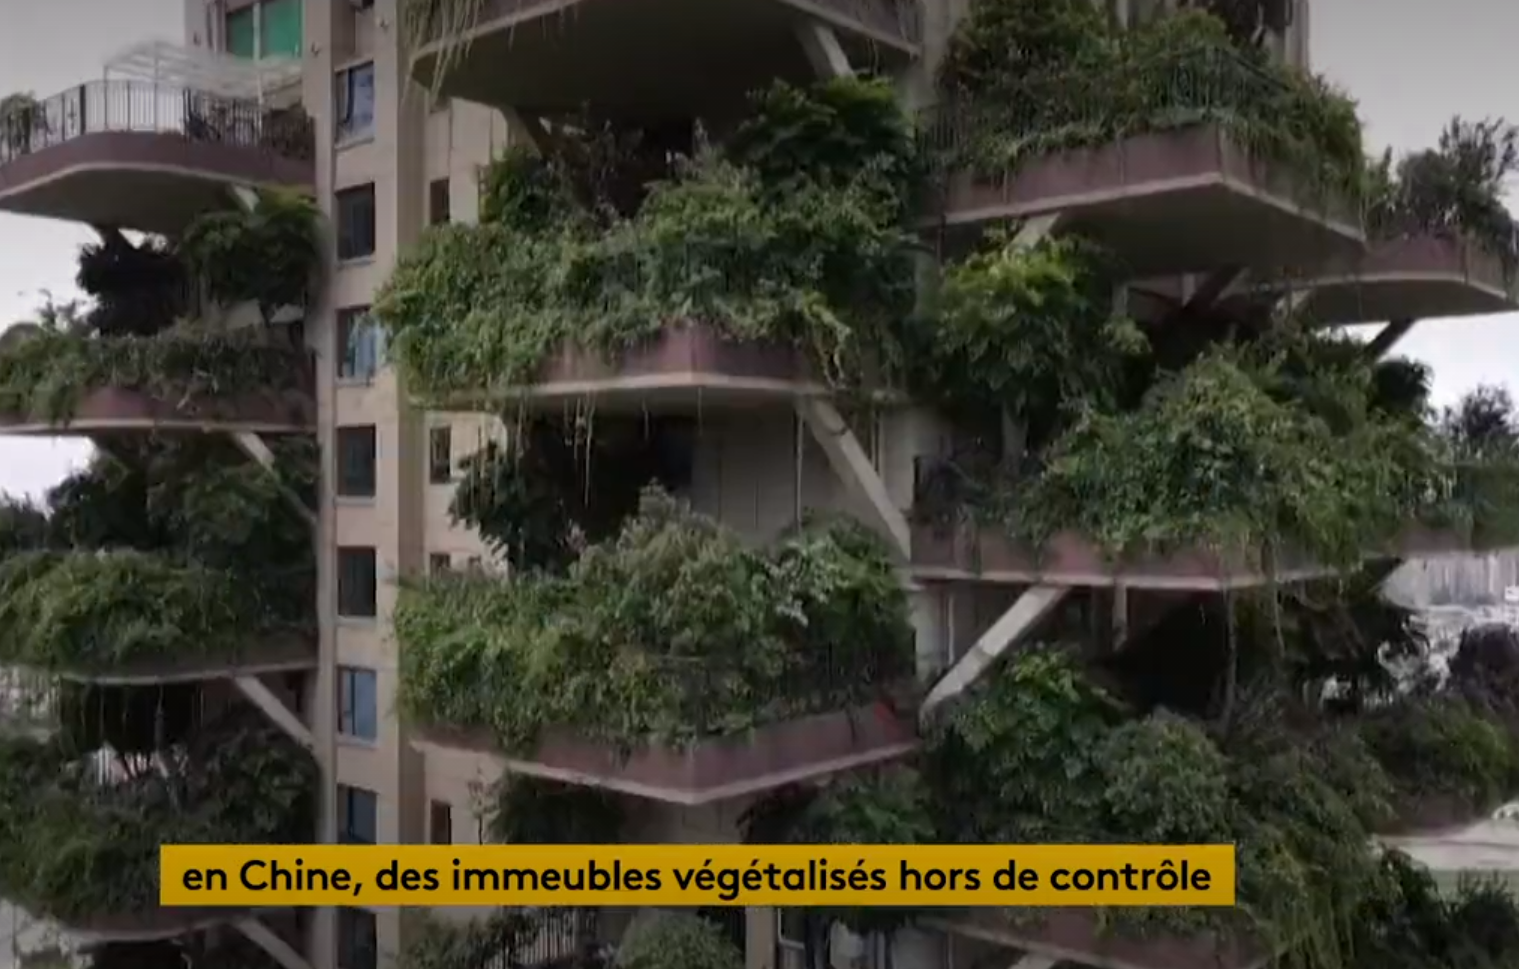 En Chine, des immeubles végétalisés hors de contrôle